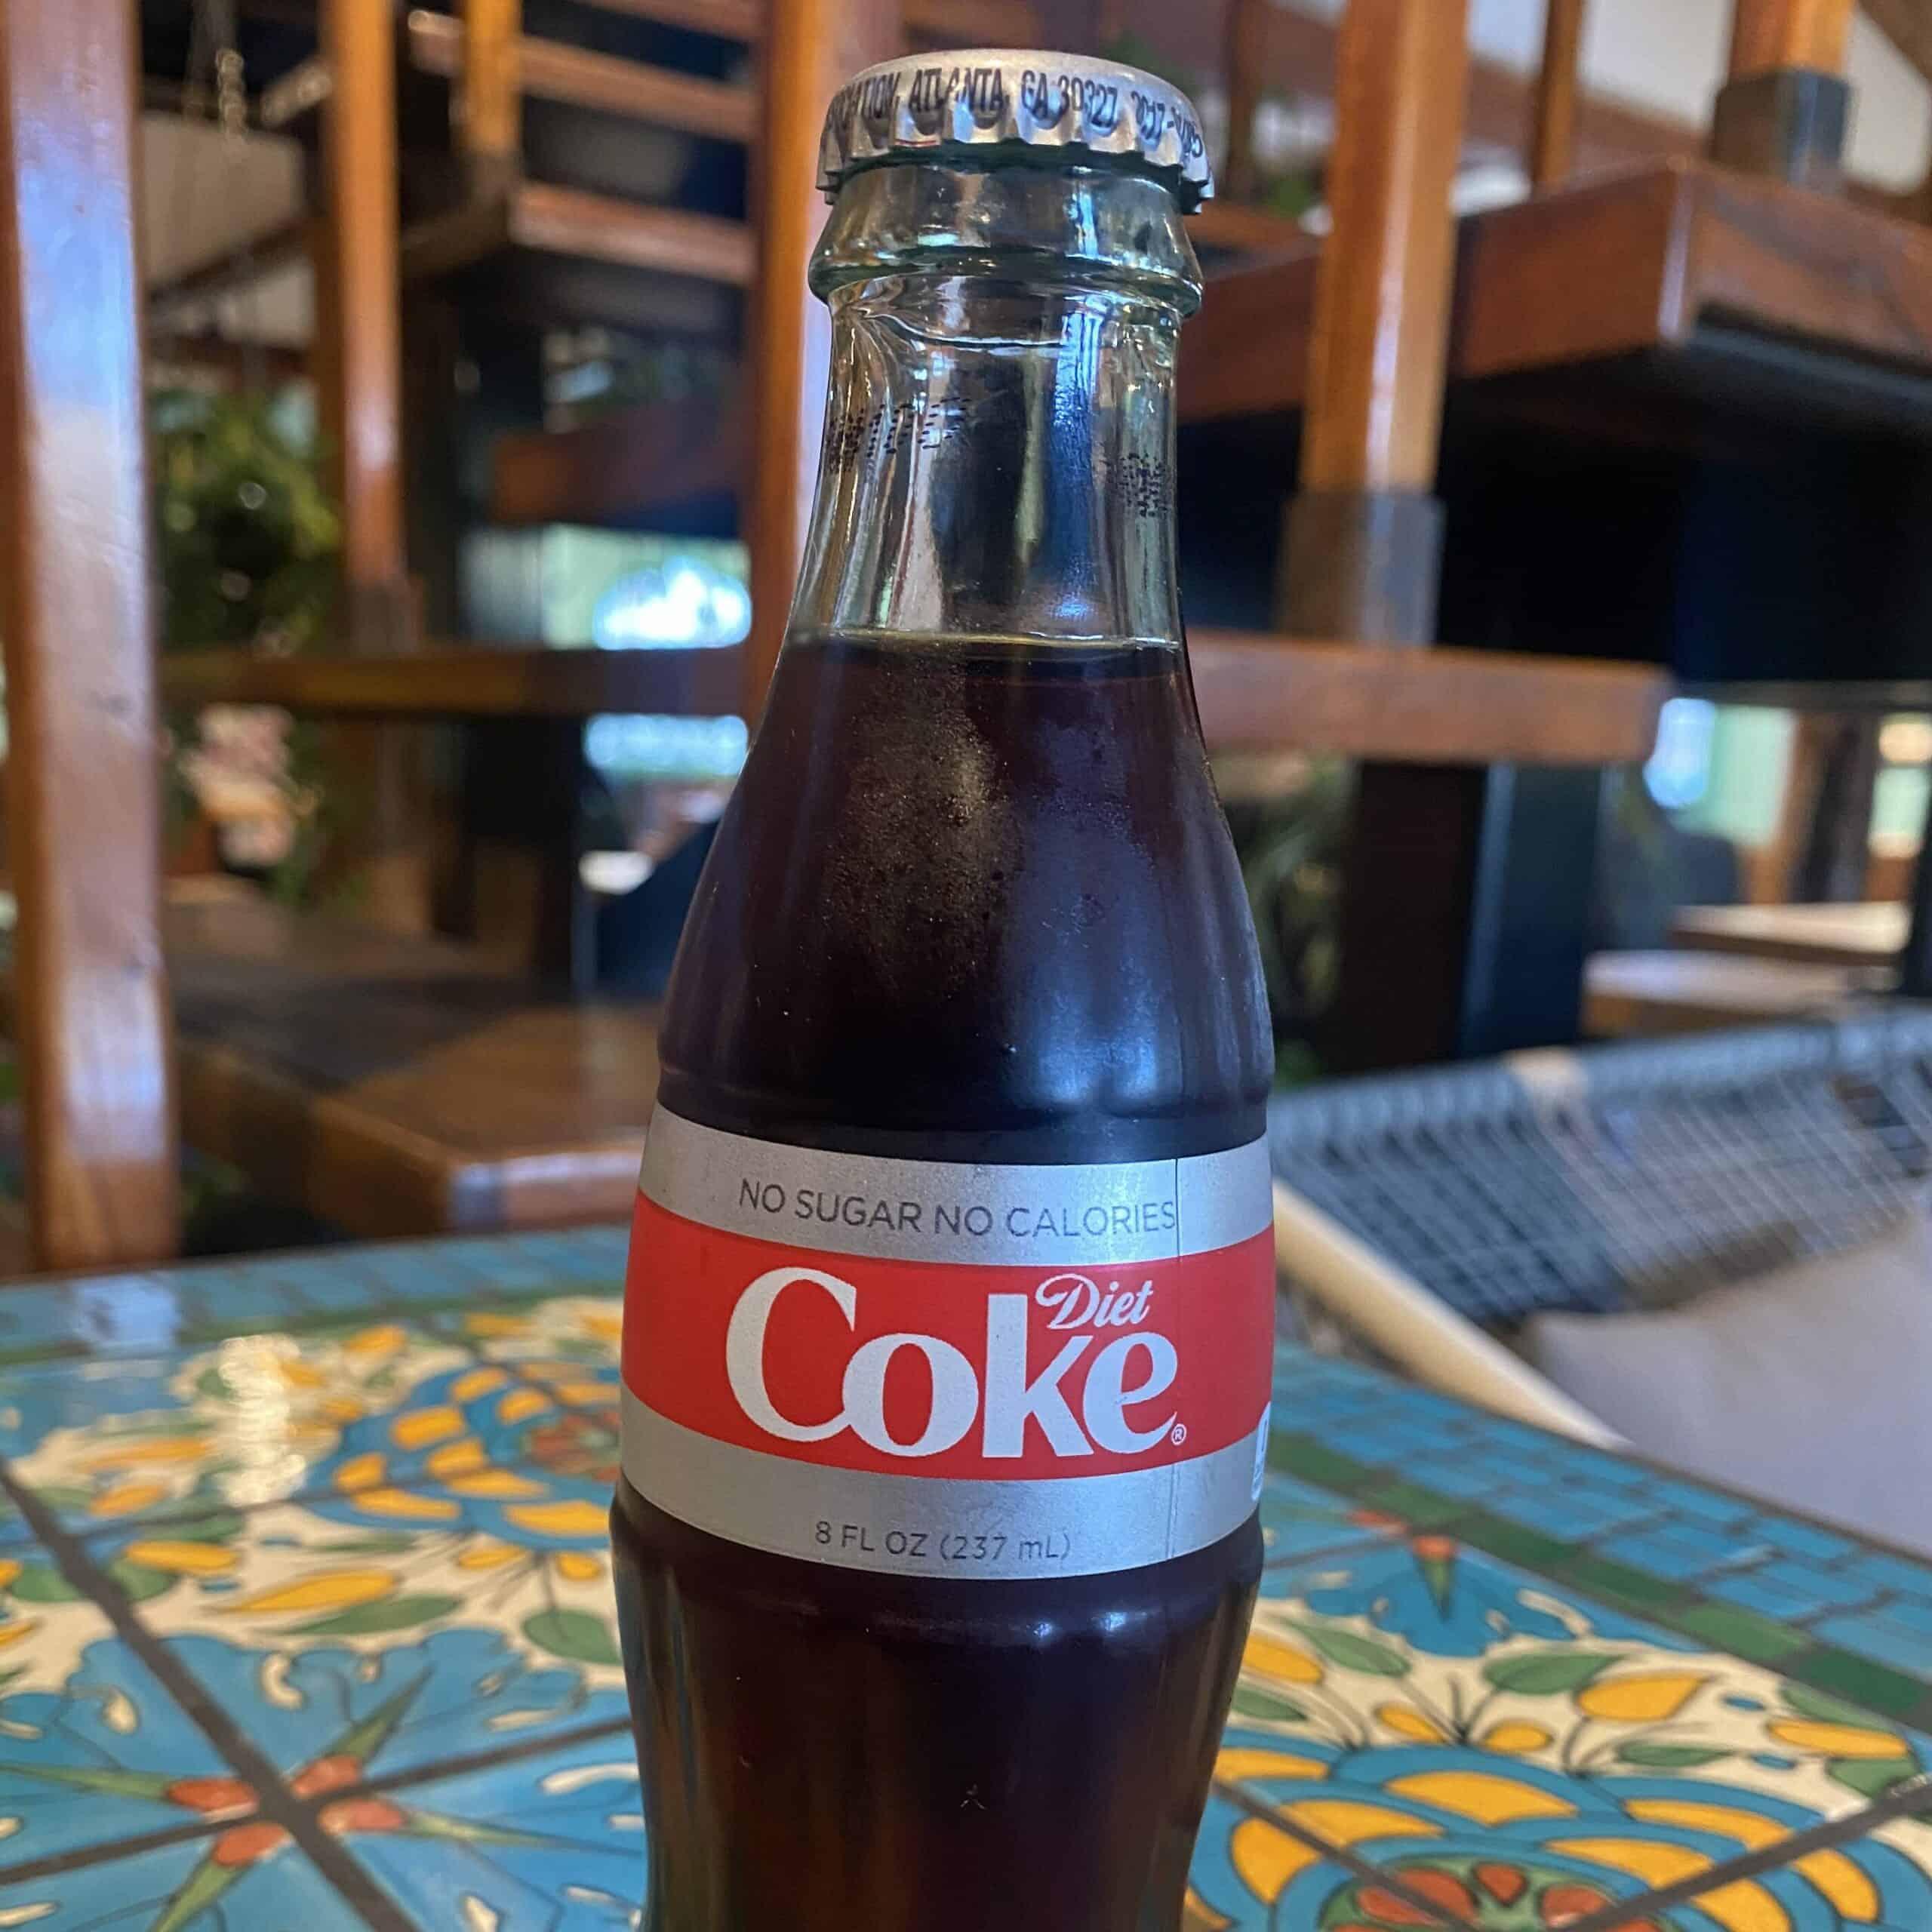 Bottled Diet Coke